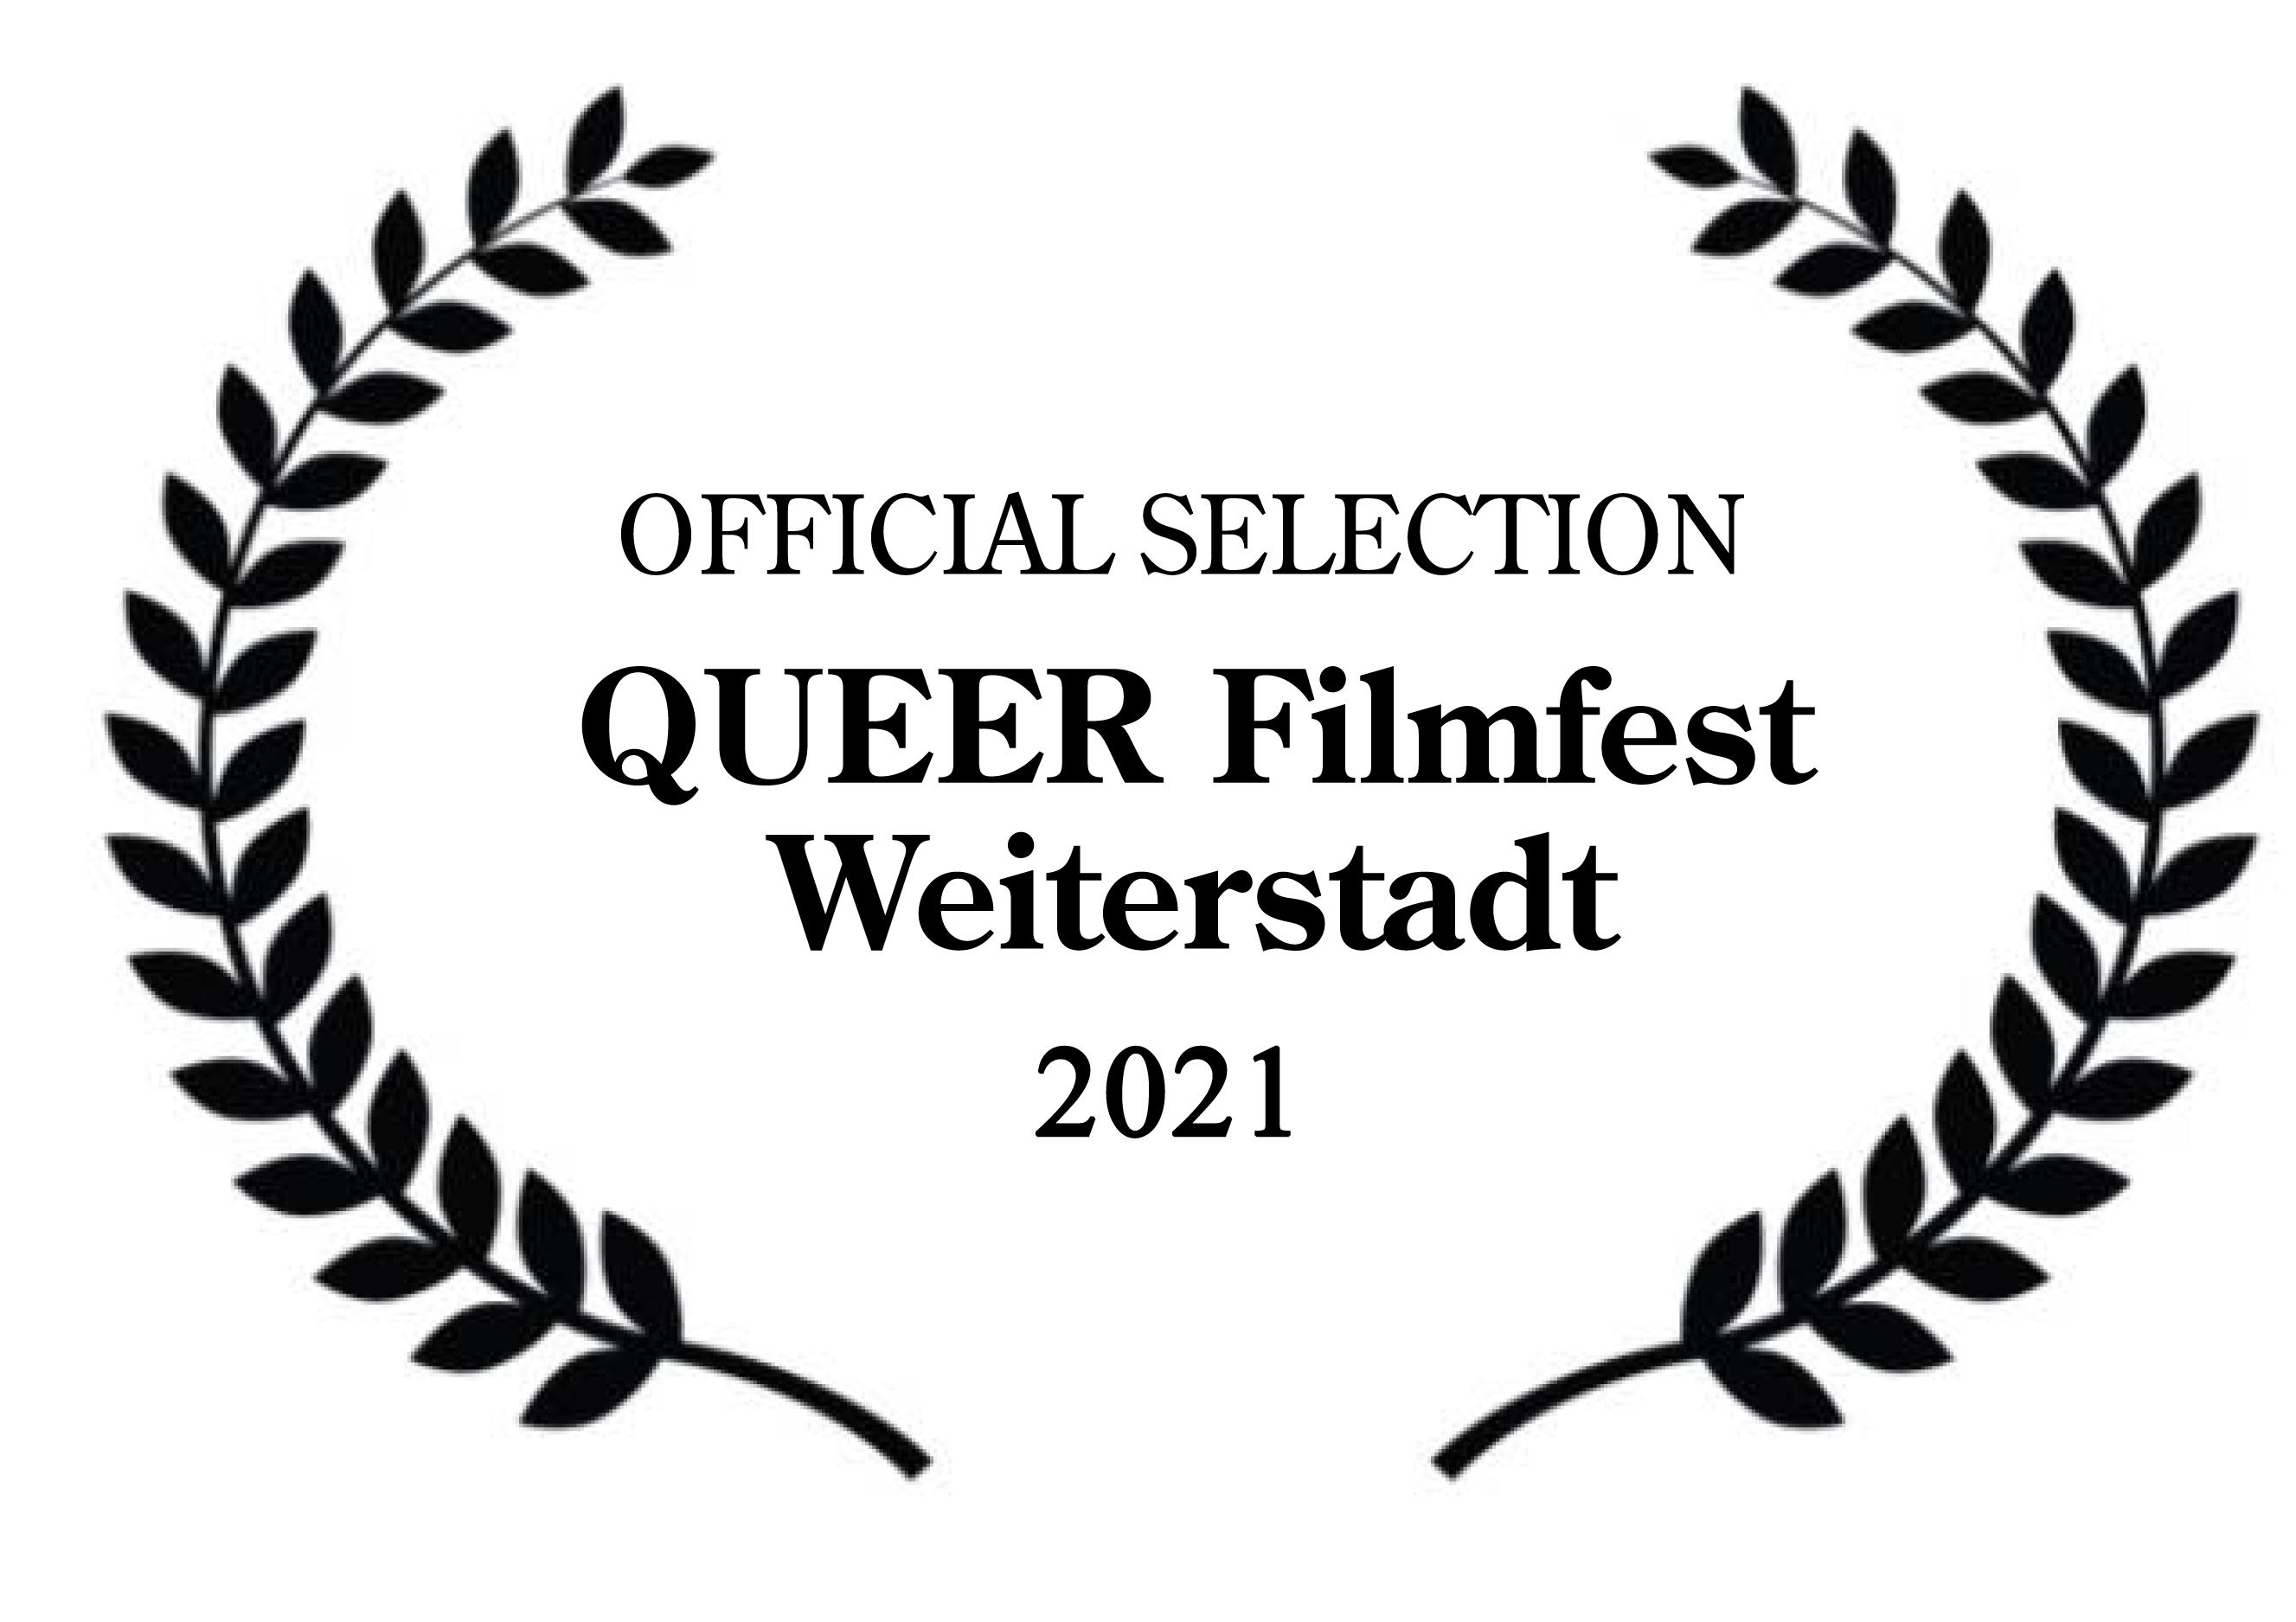 Queerfilmfest Weiterstadt